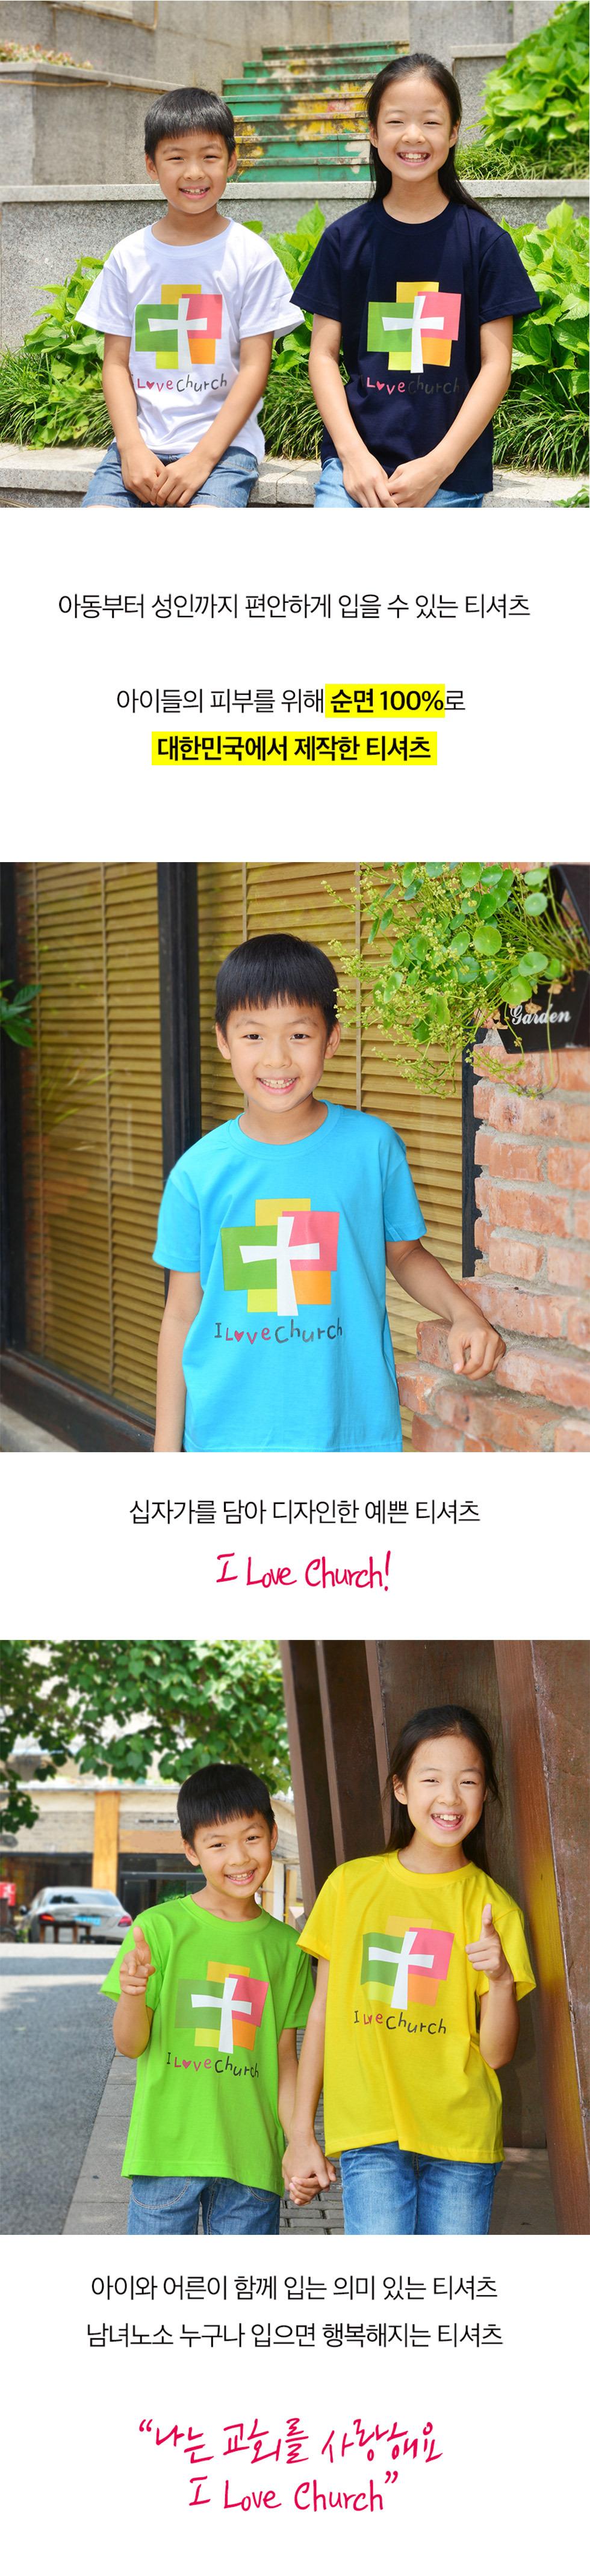 교회단체티 교회티셔츠 I Love Church 처치 아동용 특징